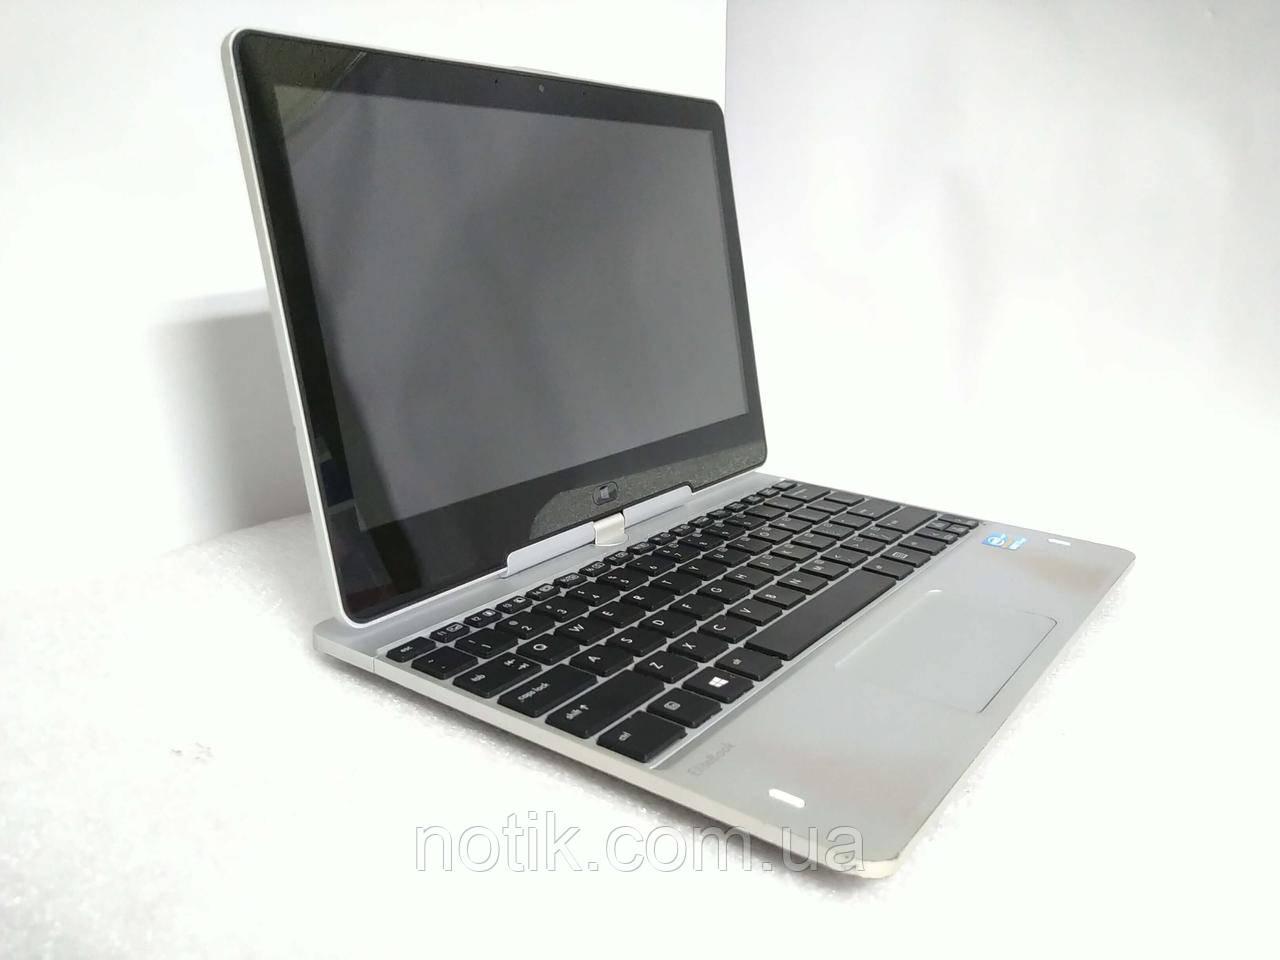 """Ноутбук трансформер сенсорный HP Elitebook Revolve 810 i5-3437U/8Gb/SSD 128Gb/11.6"""""""